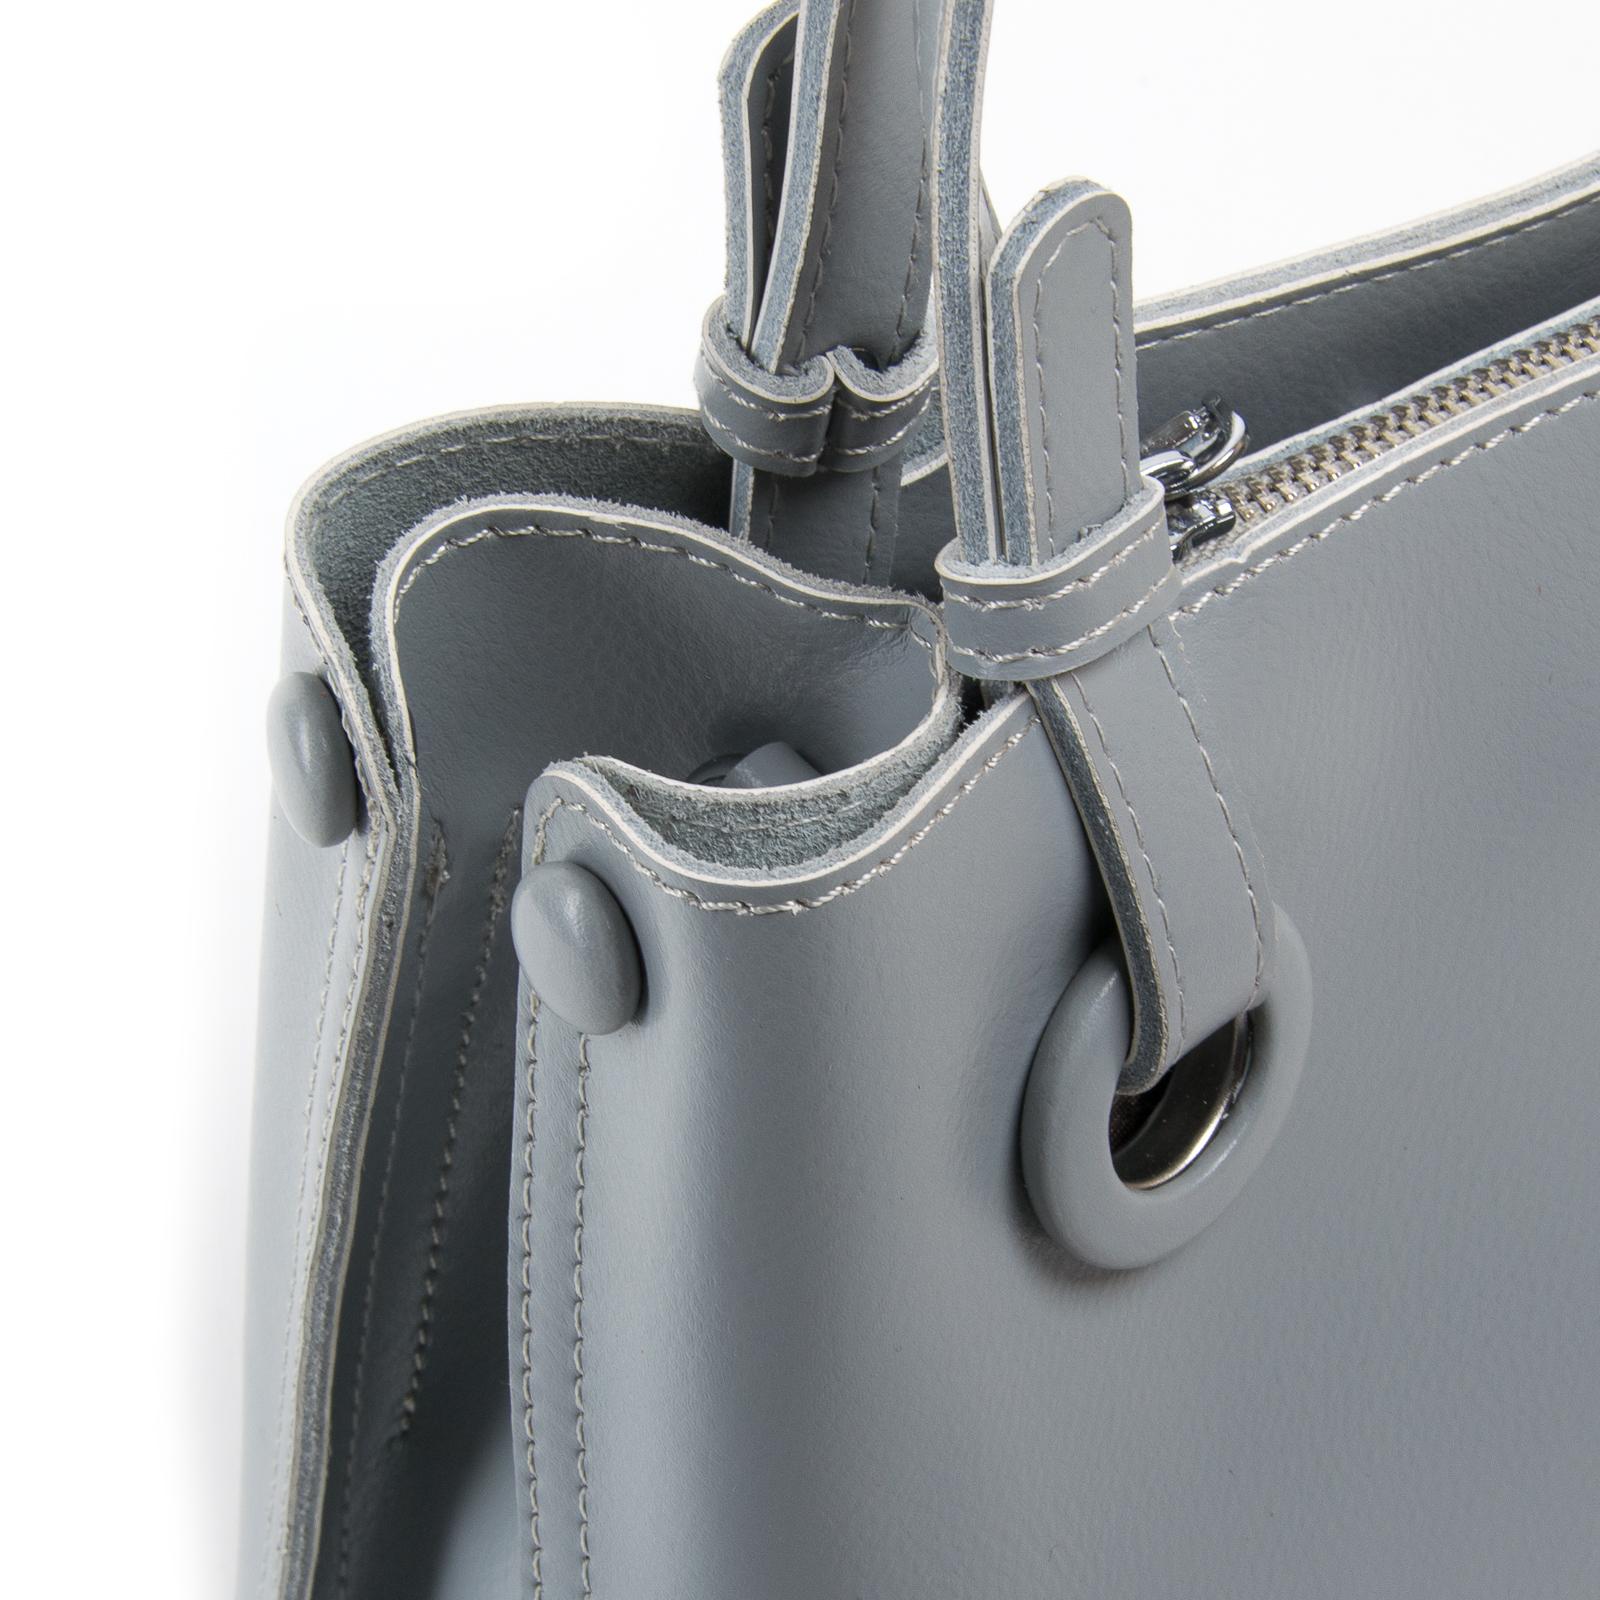 Сумка Женская Классическая кожа ALEX RAI 03-01 1546 light-grey - фото 3